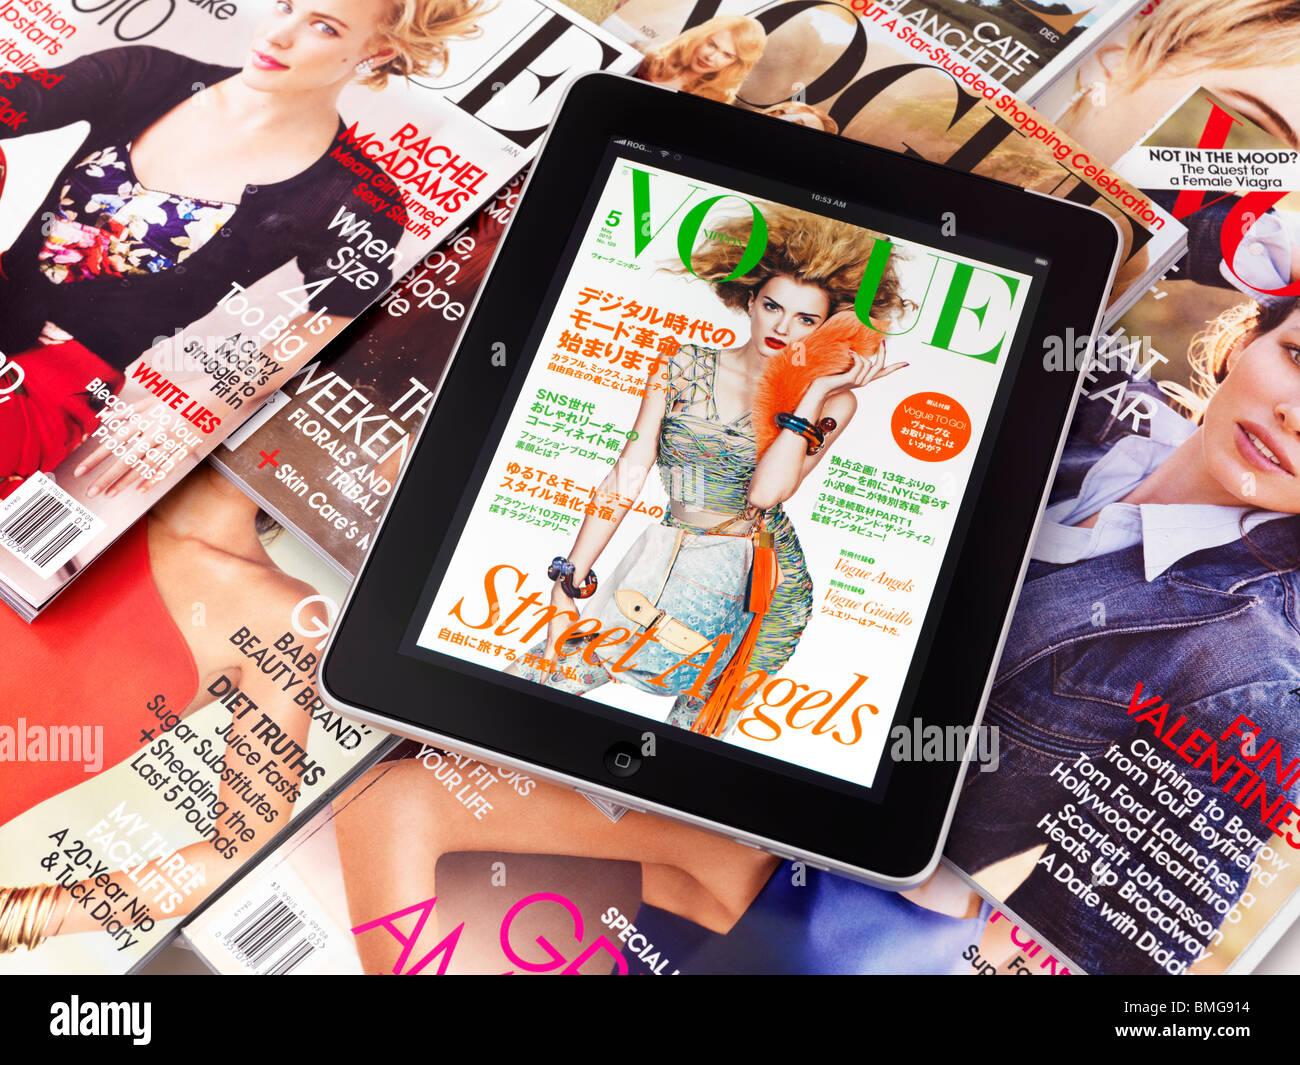 Tablette Apple iPad 3G avec un numéro électronique de vogue sur les magazines de mode imprimé Photo Stock